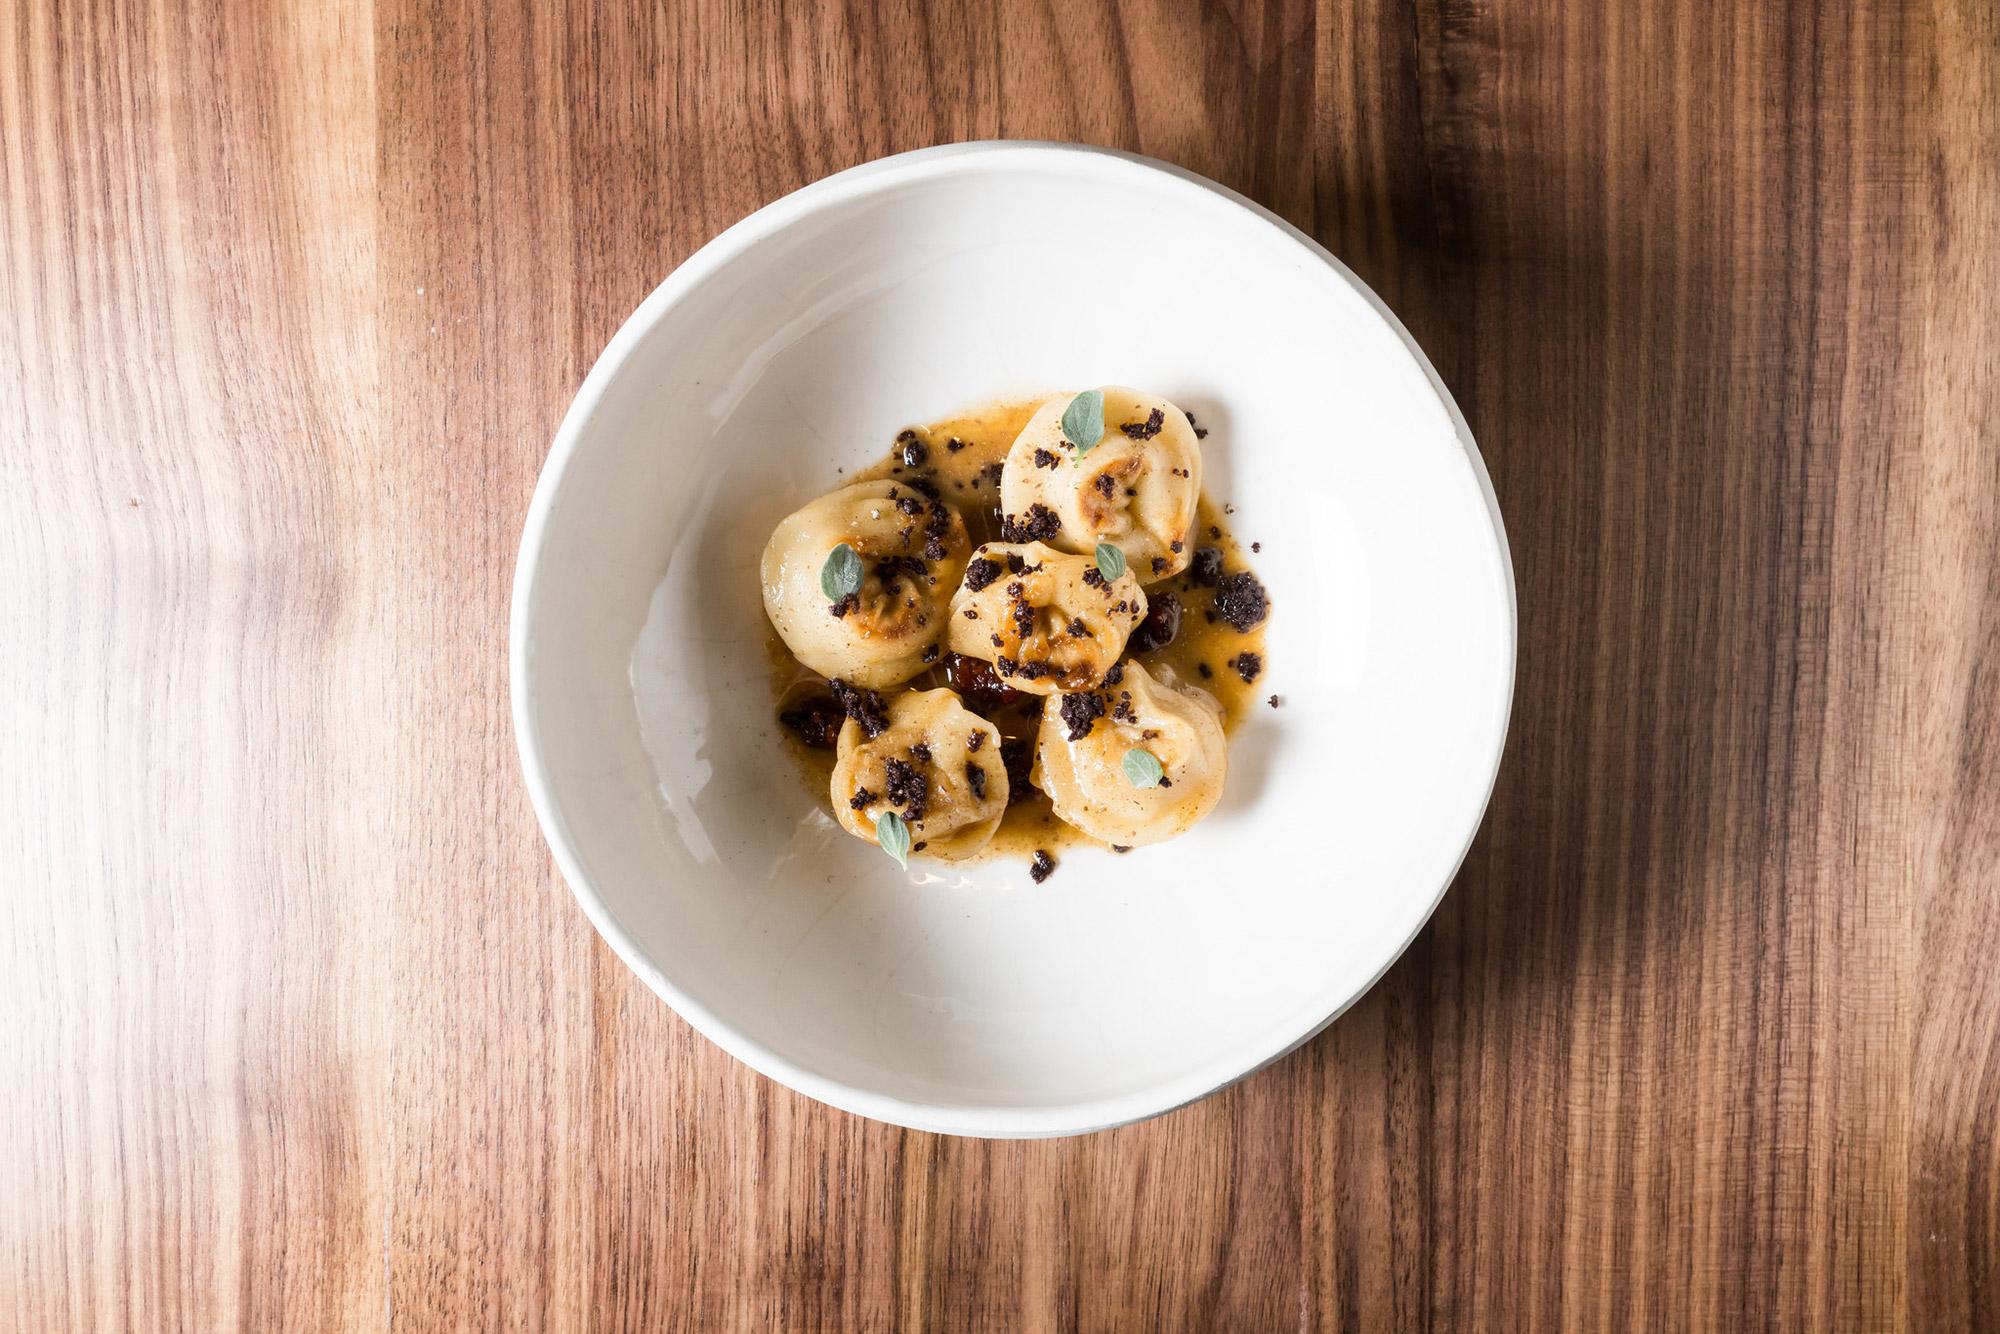 5 raviolis dans une assiette creuse blanche